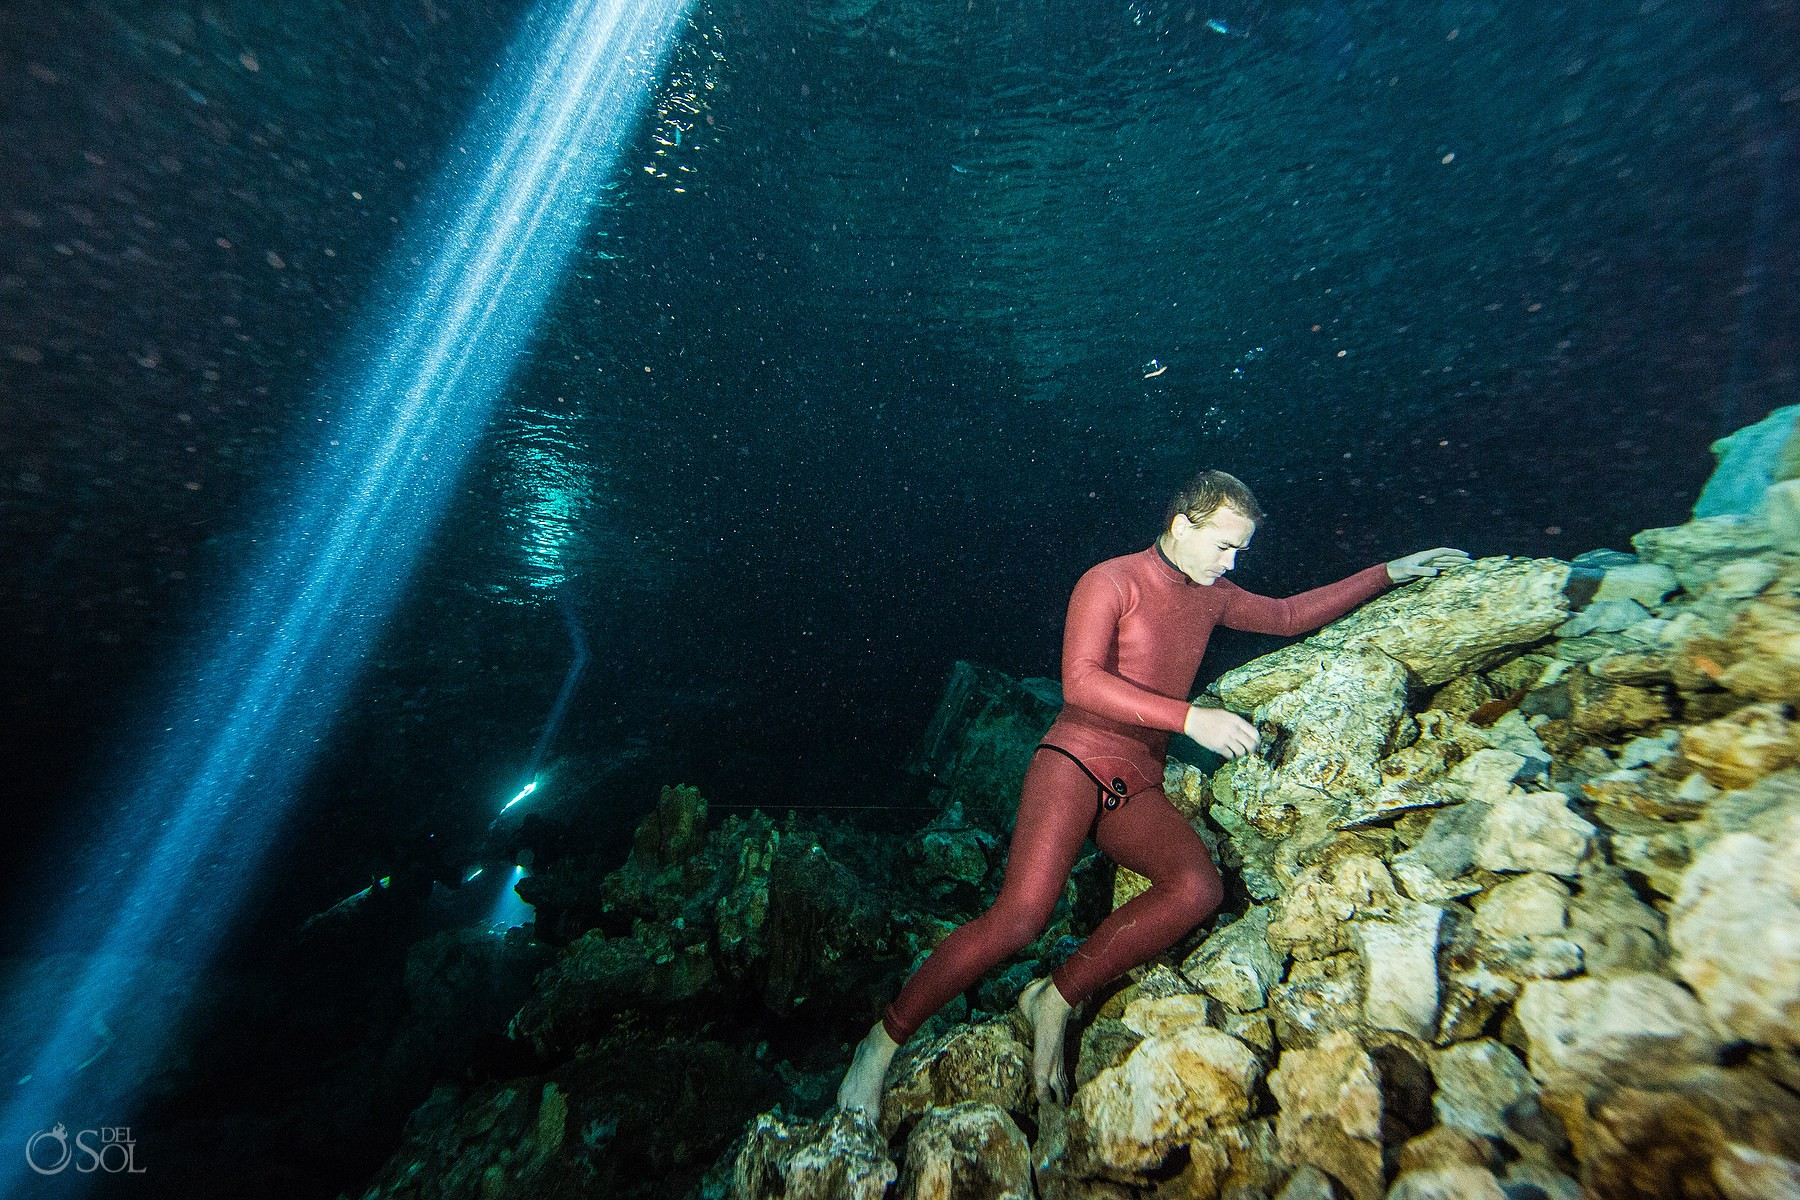 Healing art gabriel forestieri Underwater dancer Movement Invention Project Cenote Riviera Maya Mexico